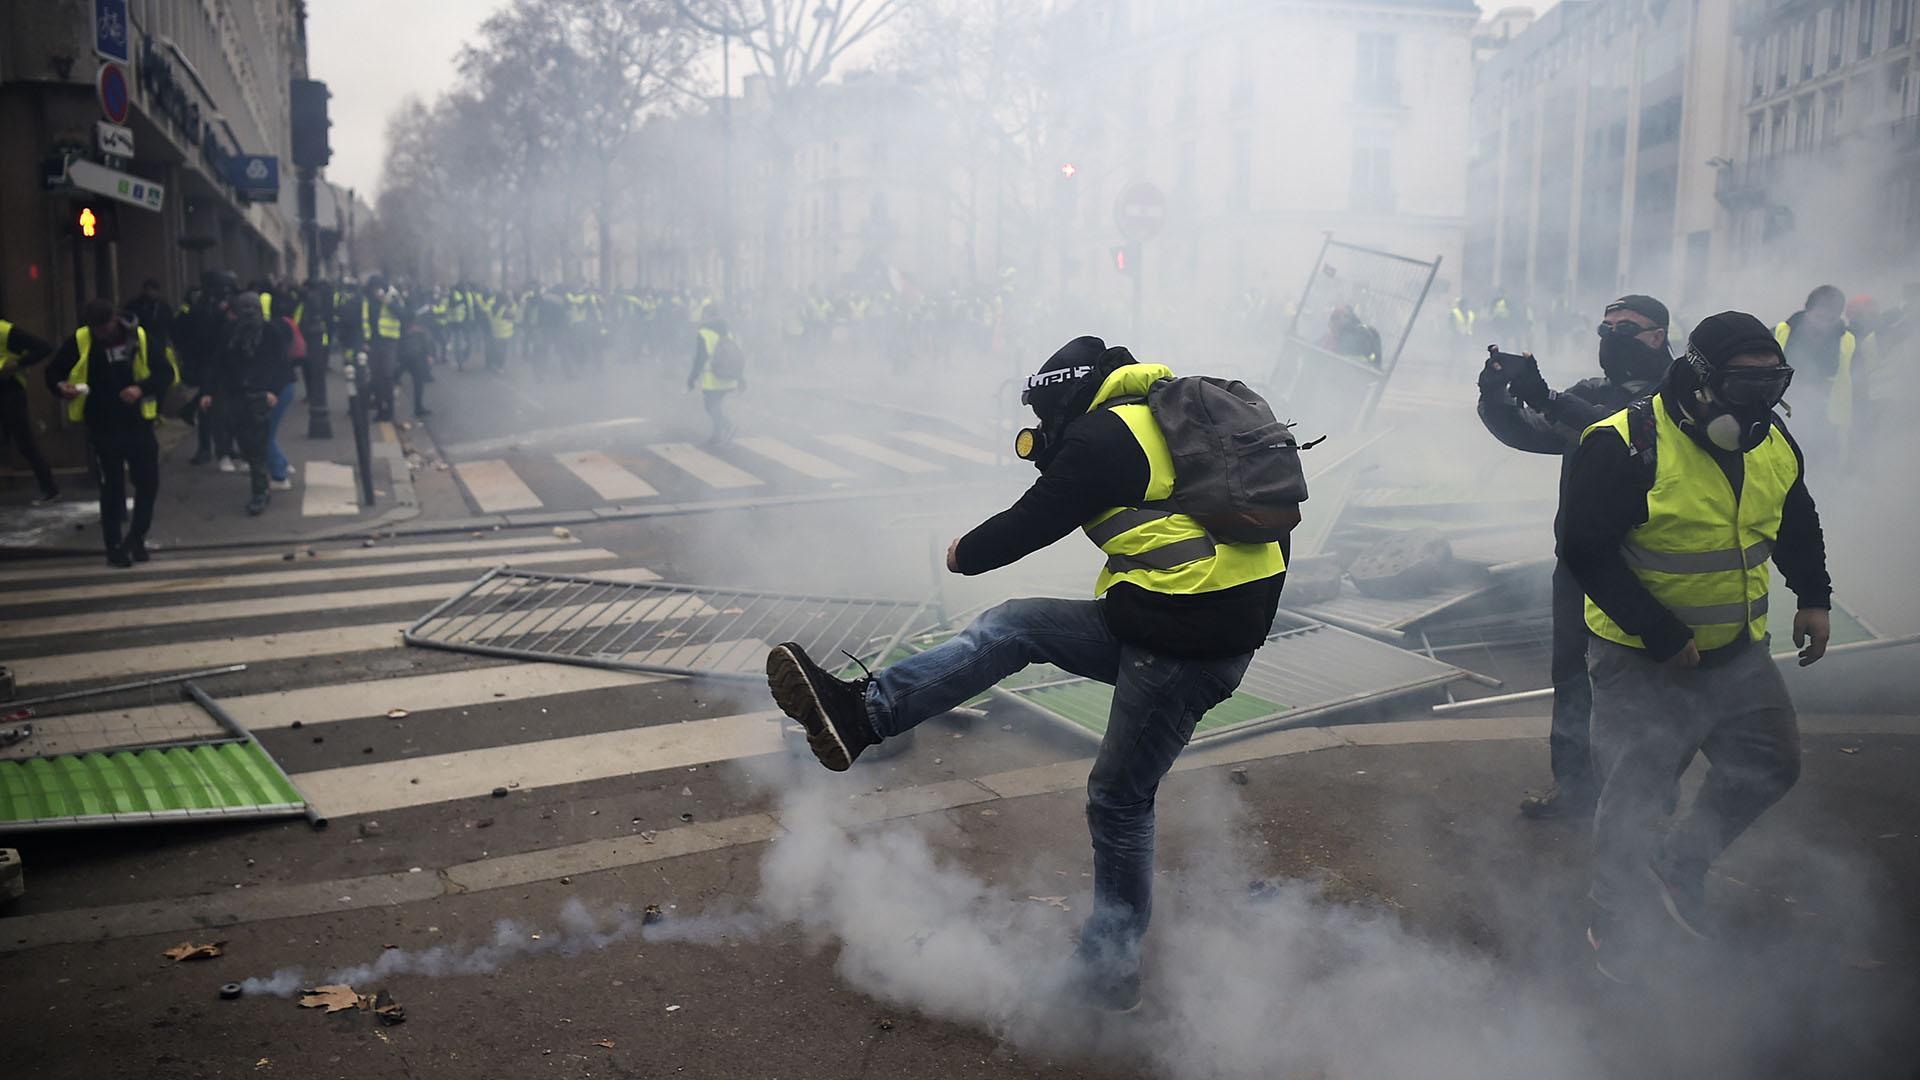 La policía reprimió las manifestaciones (Lucas BARIOULET / AFP)